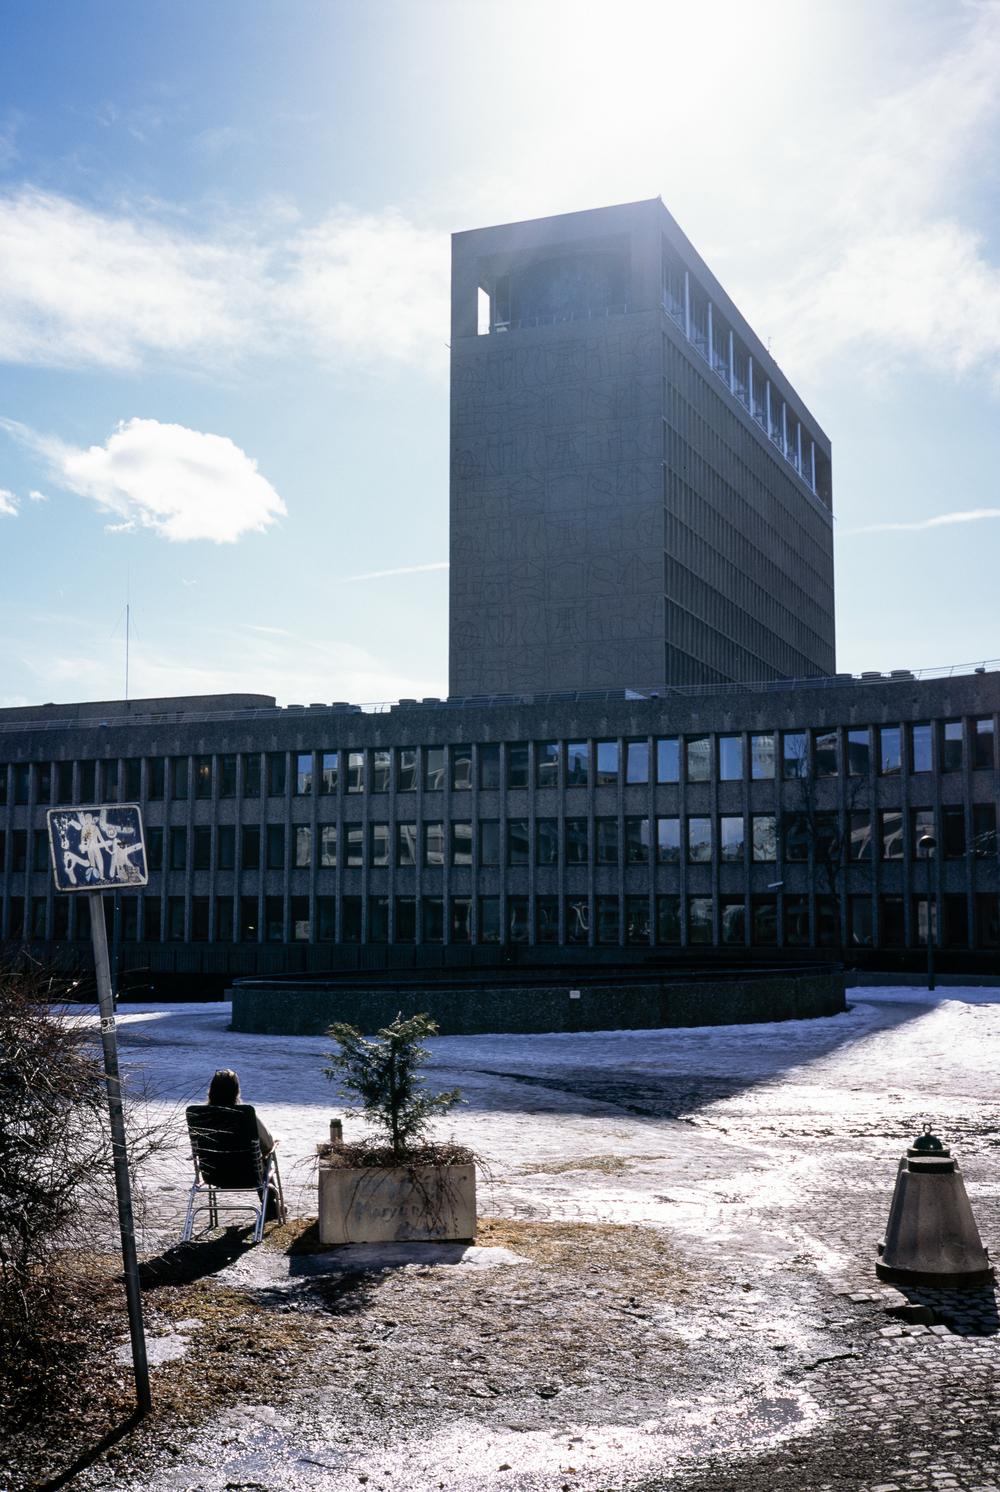 Plass i solen.  En ansatt ved Deichmanske hovedbibliotek i Oslo tar en pause ute i solen en vinterdag i 2011.Regjeringskvartalet ble senere rammet av terrorangrepet 22. juli samme år. Foto: Adrian Bugge